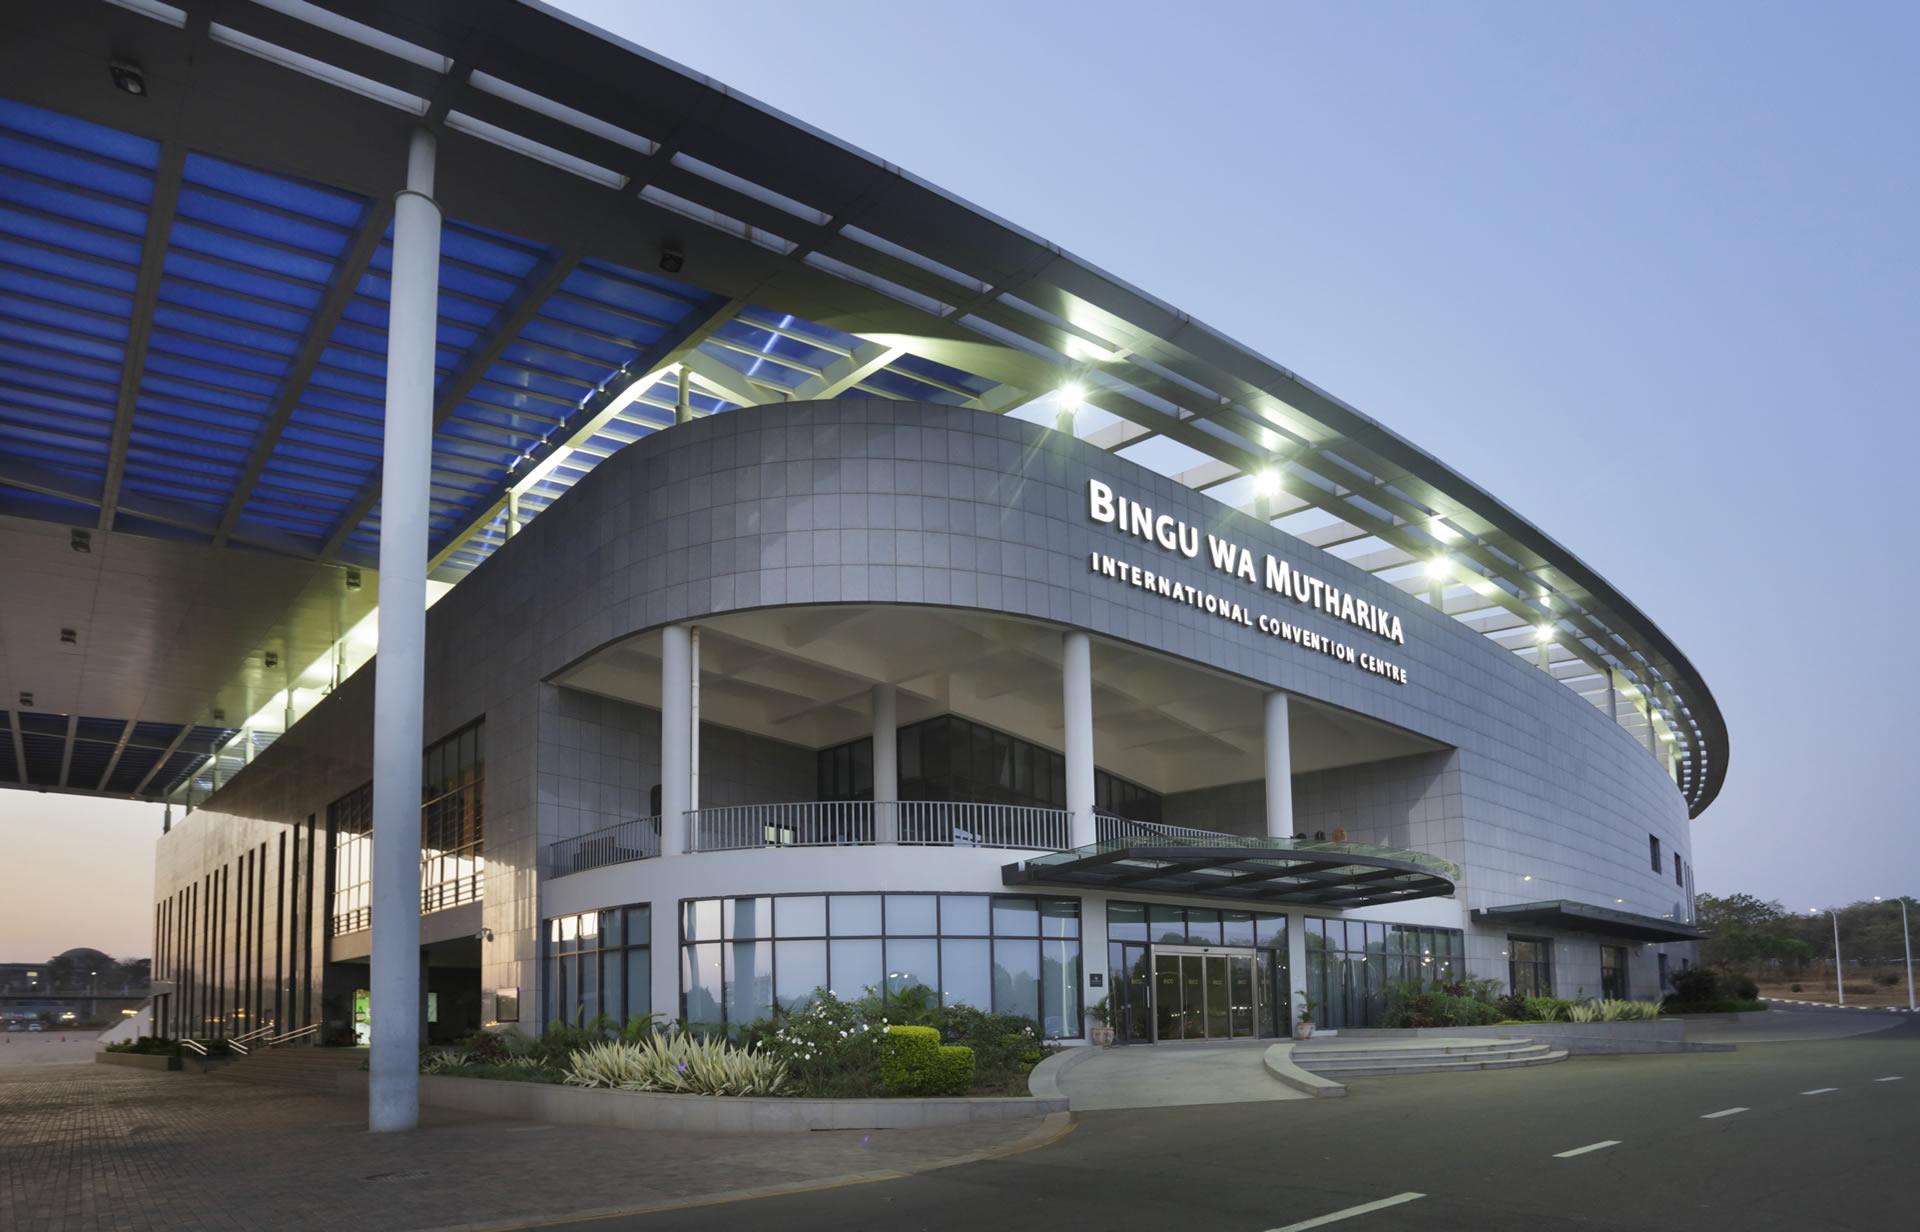 Bingu wa Mutharika International Convention Centre (BICC)